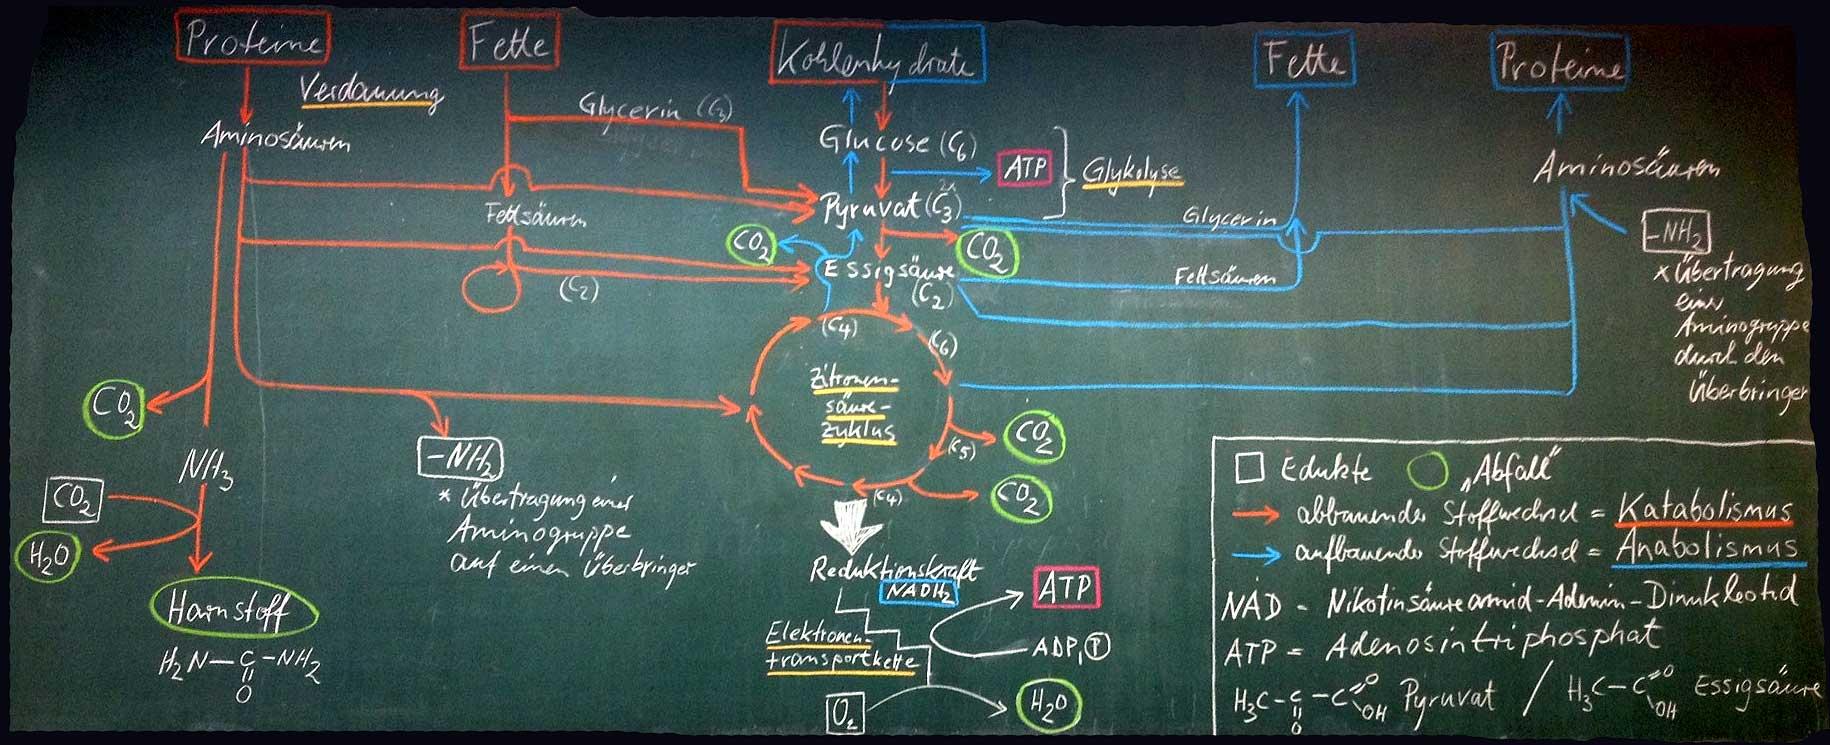 Start >> Biologie & Chemie